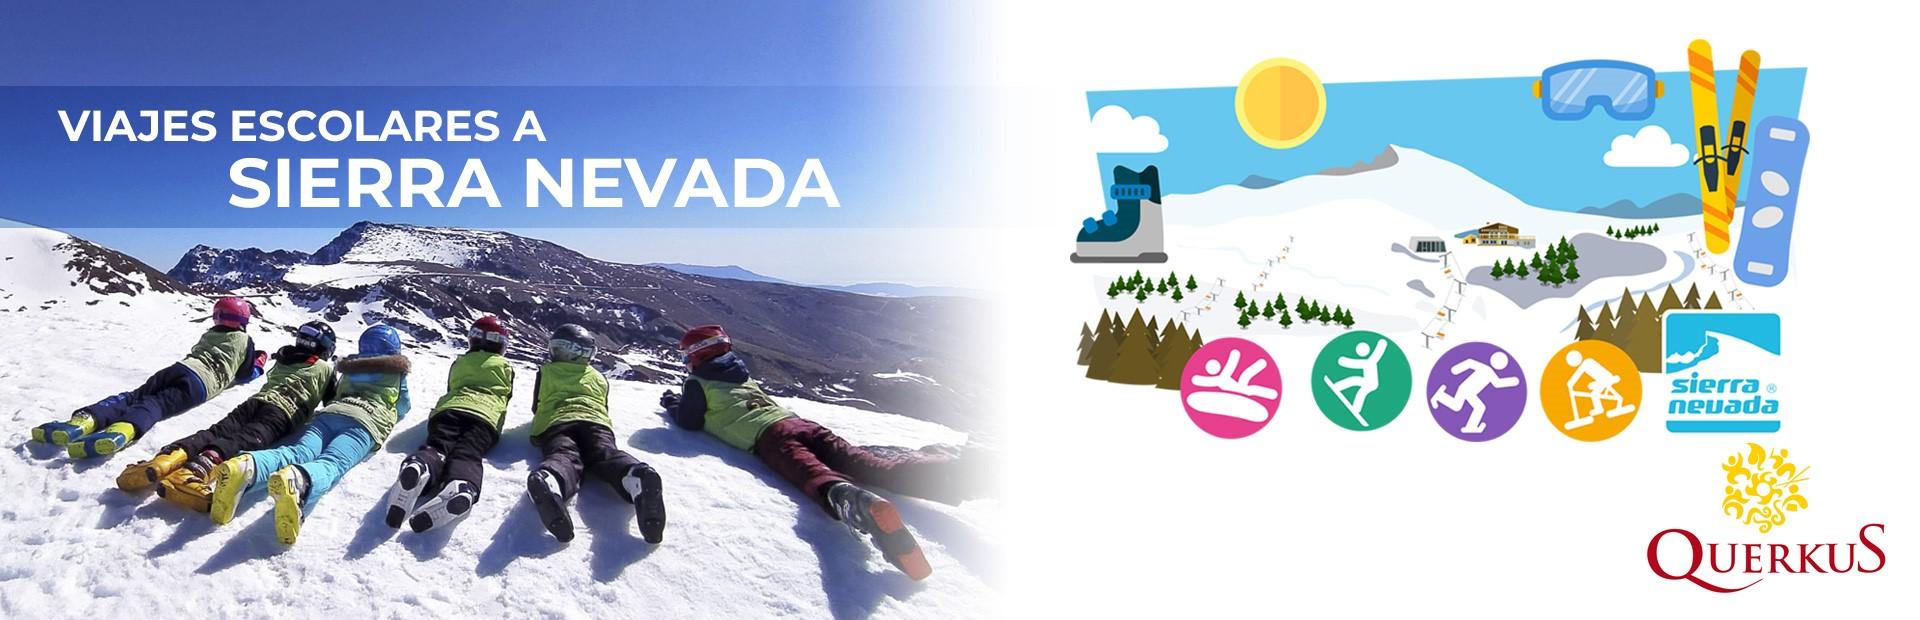 Viajes escolares a Sierra Nevada